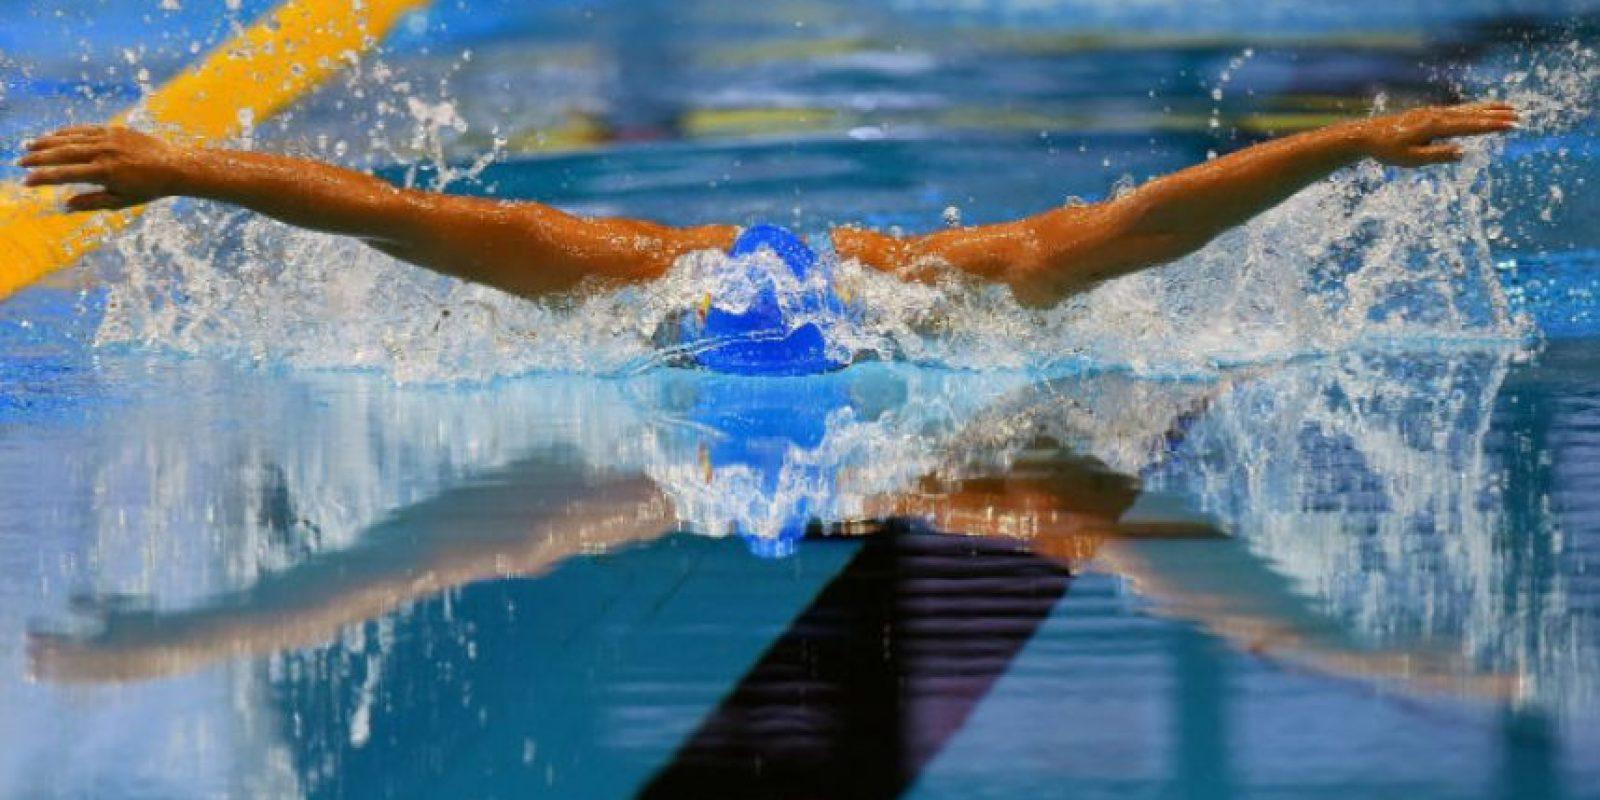 La nadadora española tuvo una actuación brillante en el Mundial en piscina corta. Foto:AFP